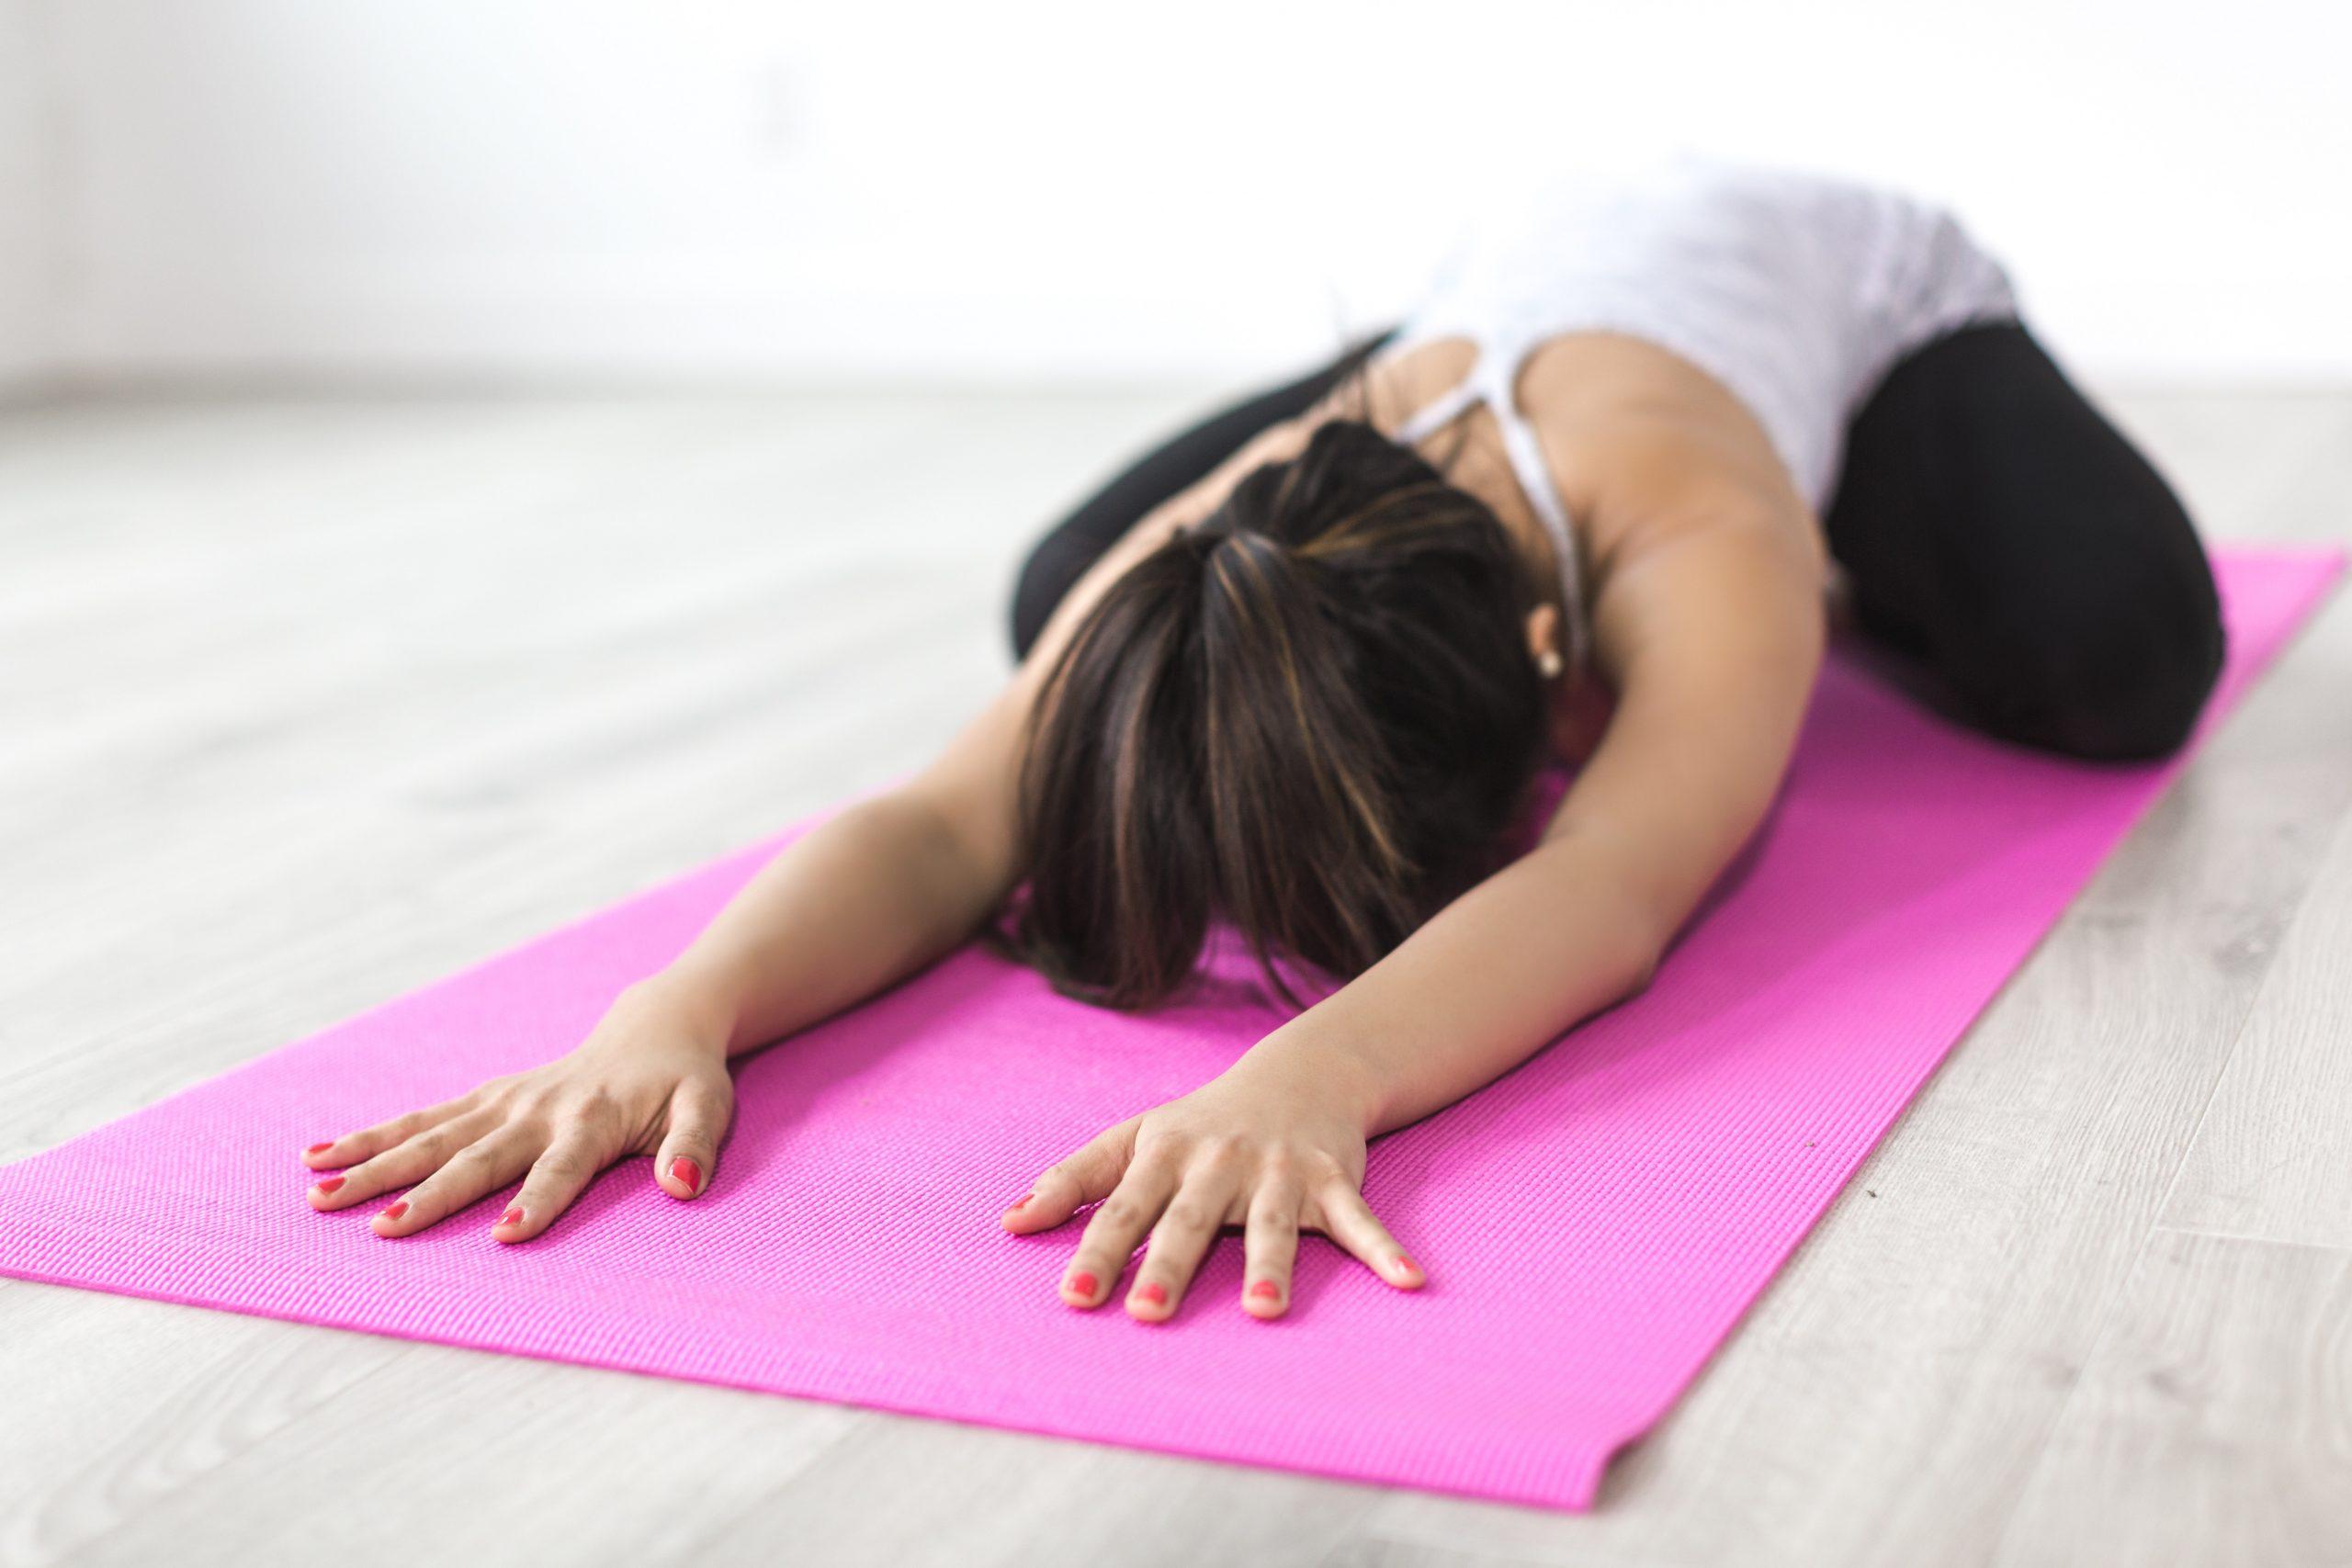 Imagem de uma mulher fazendo alongamento.